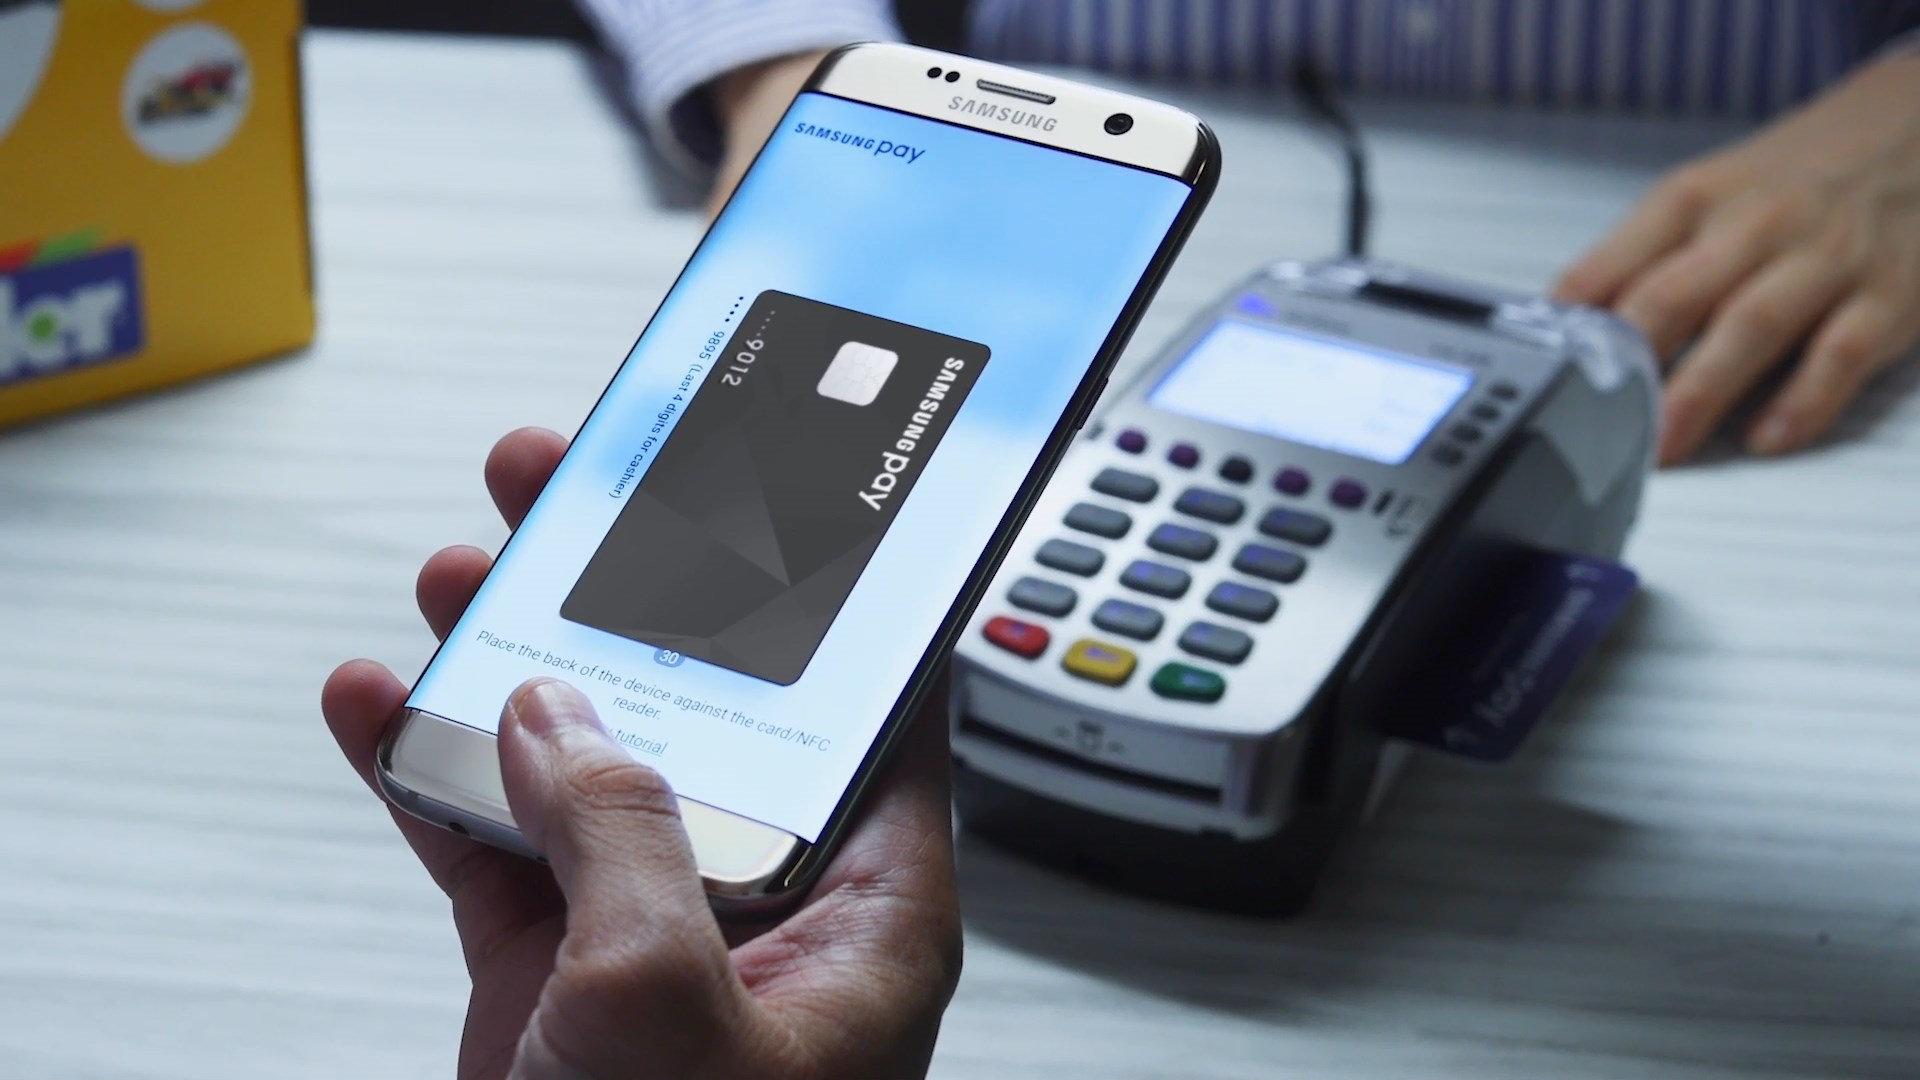 Los clientes de El Corte Inglés pueden tener la famosa tarjeta en el móvil / Foto: Samsung